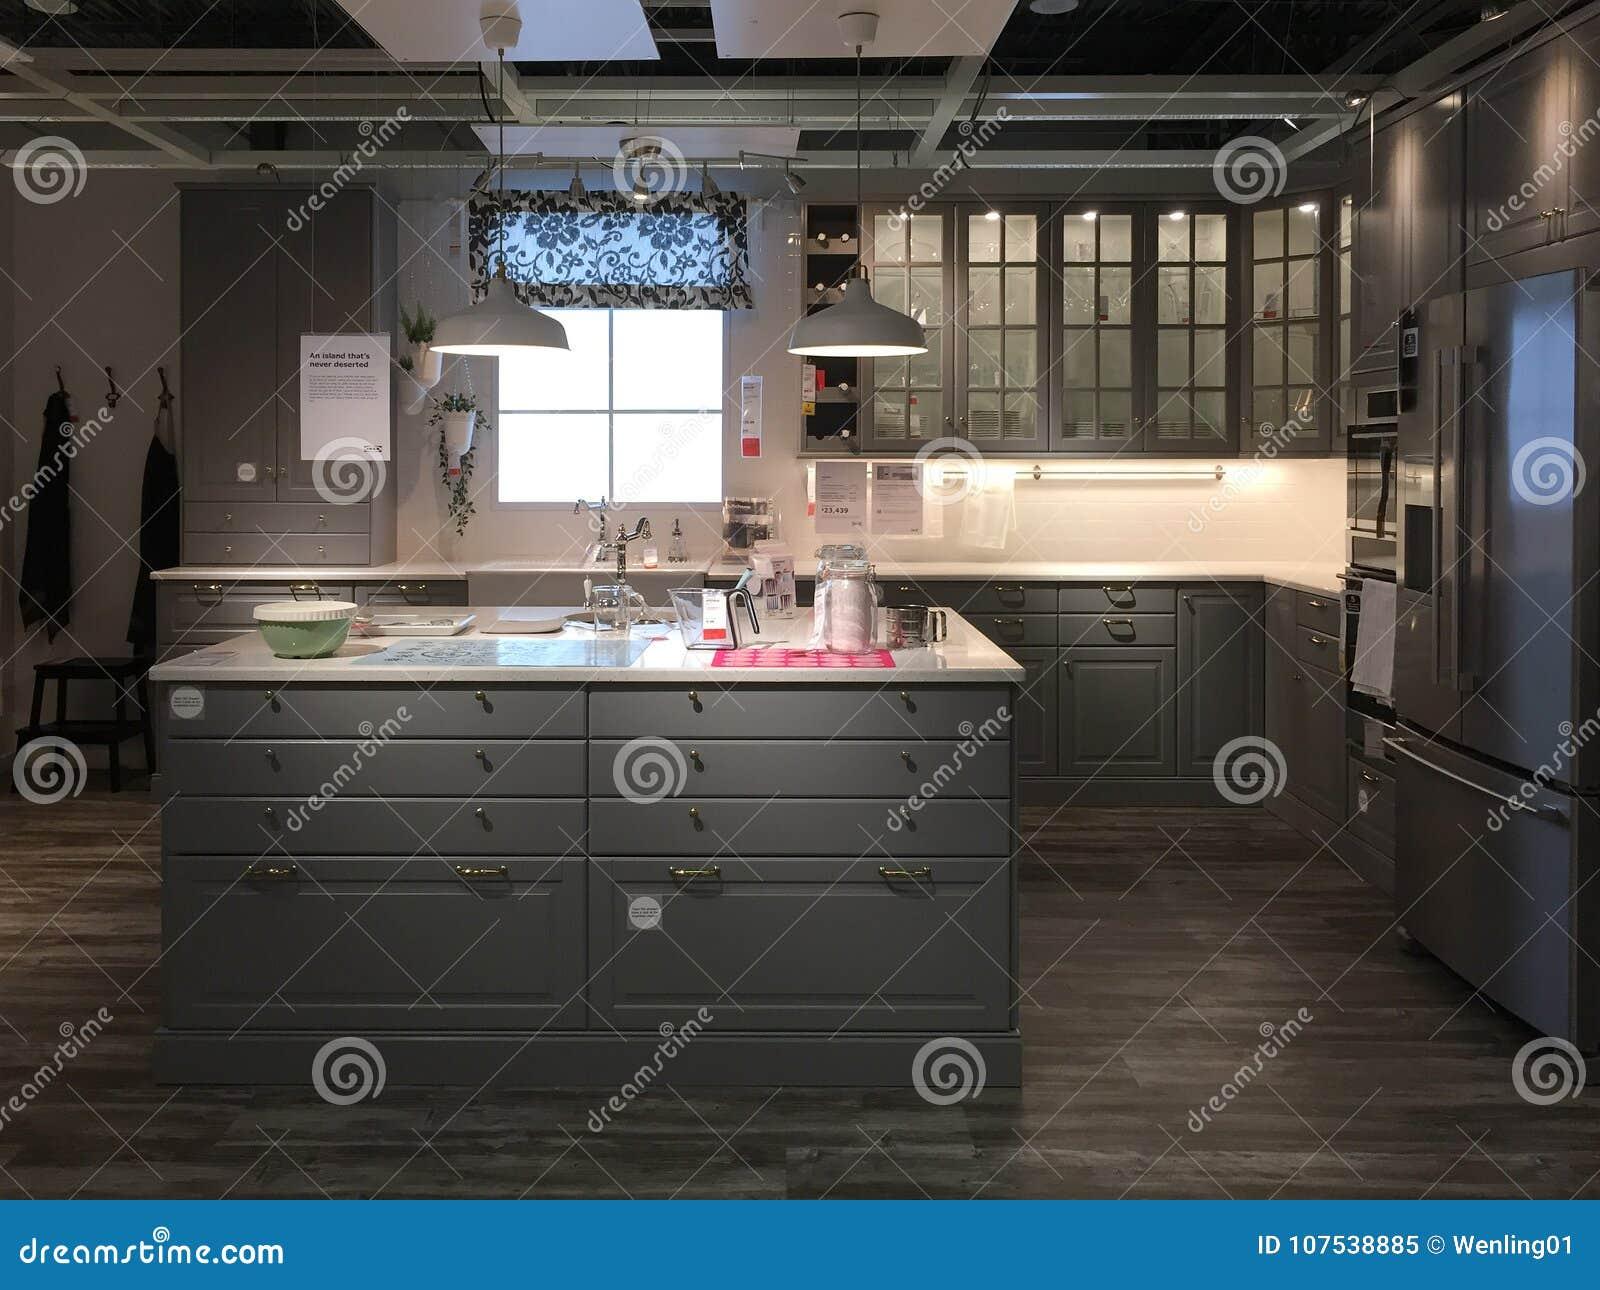 Modernes Kuchendesign Mit Insel An Lieferungsspeicher Ikea Redaktionelles Bild Bild Von Modernes Kuchendesign 107538885